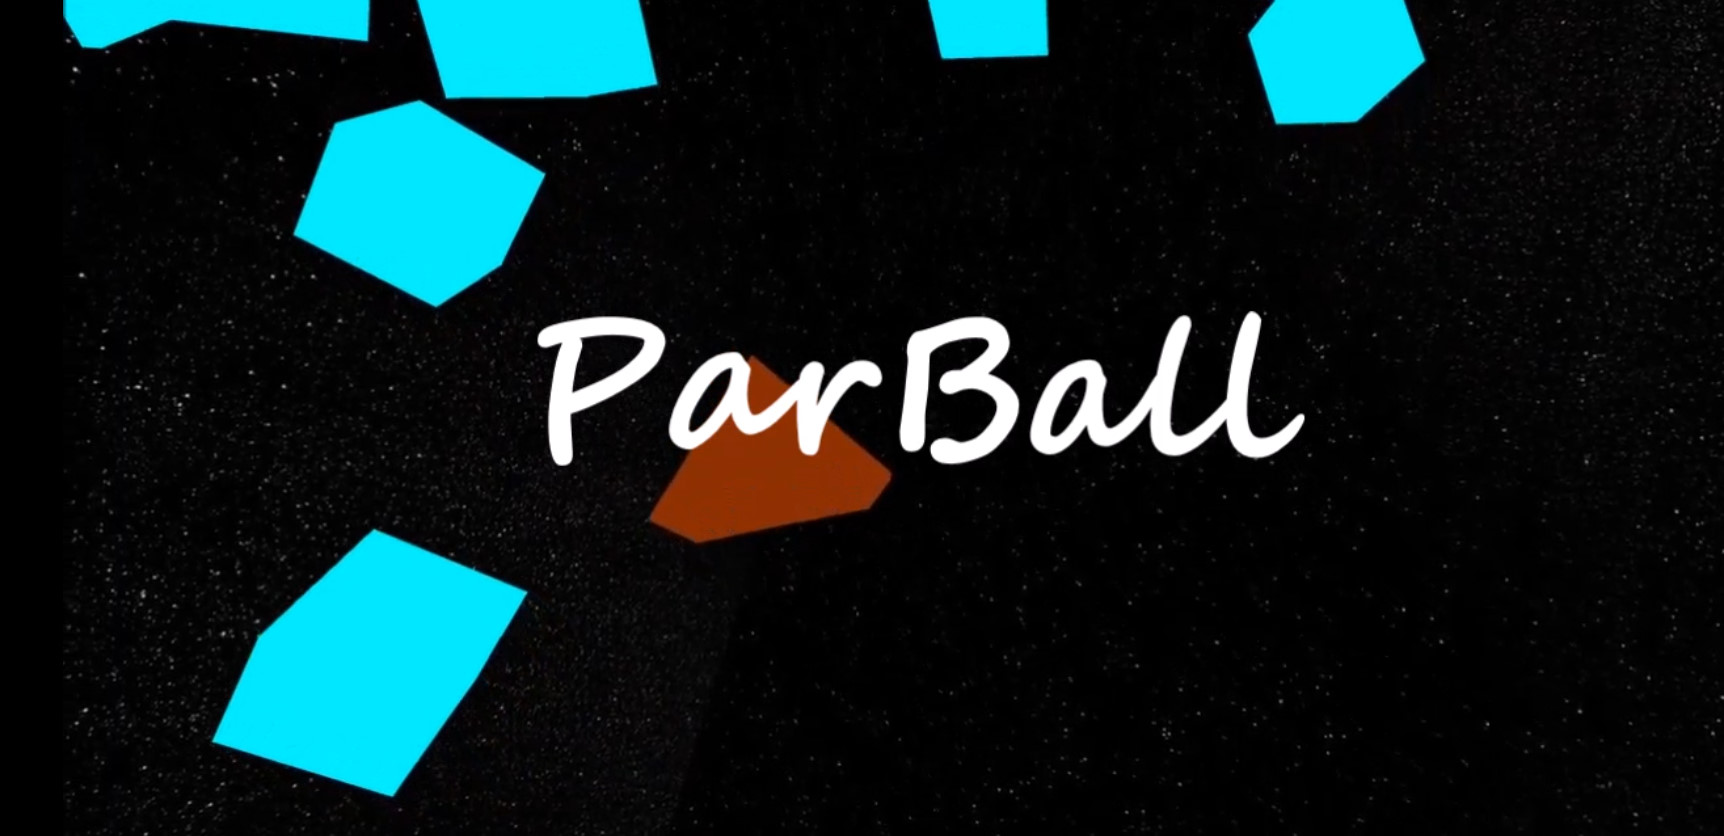 Parball